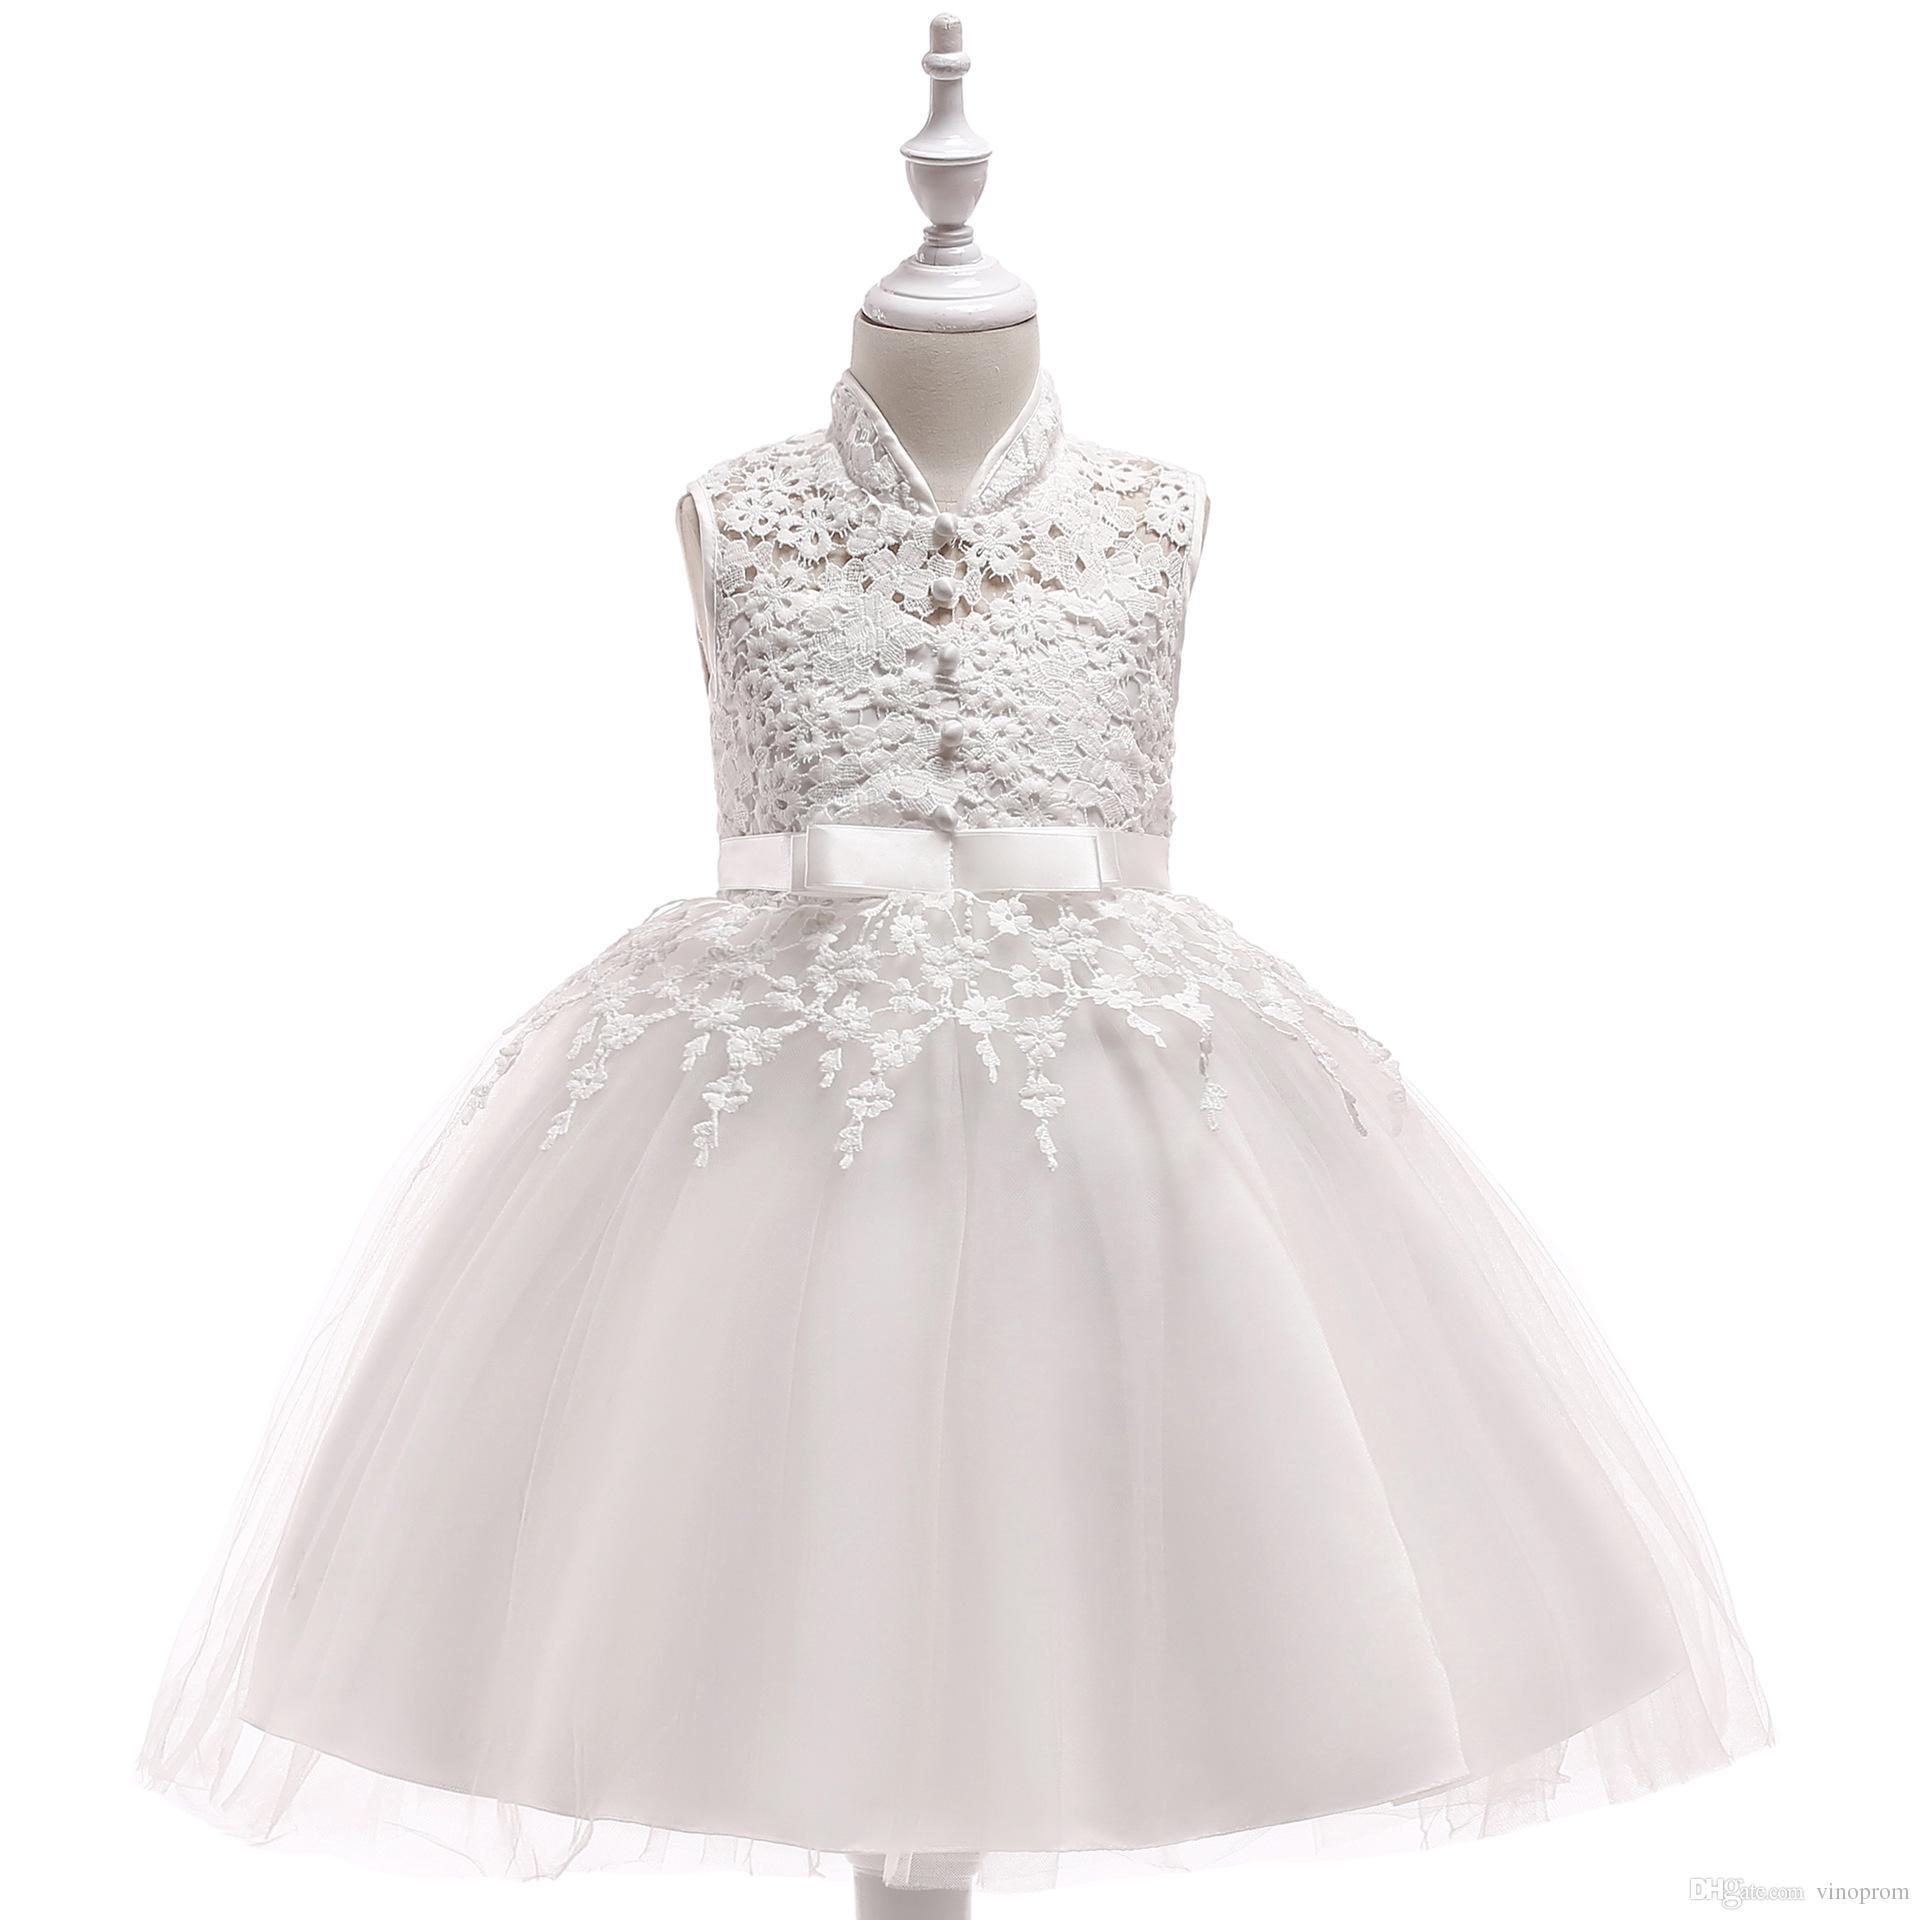 Champagne 2018 Flower Girl Dresses Matrimoni abito di sfera con collo alto Tulle pizzo perle lunghi prima comunione abiti le bambine